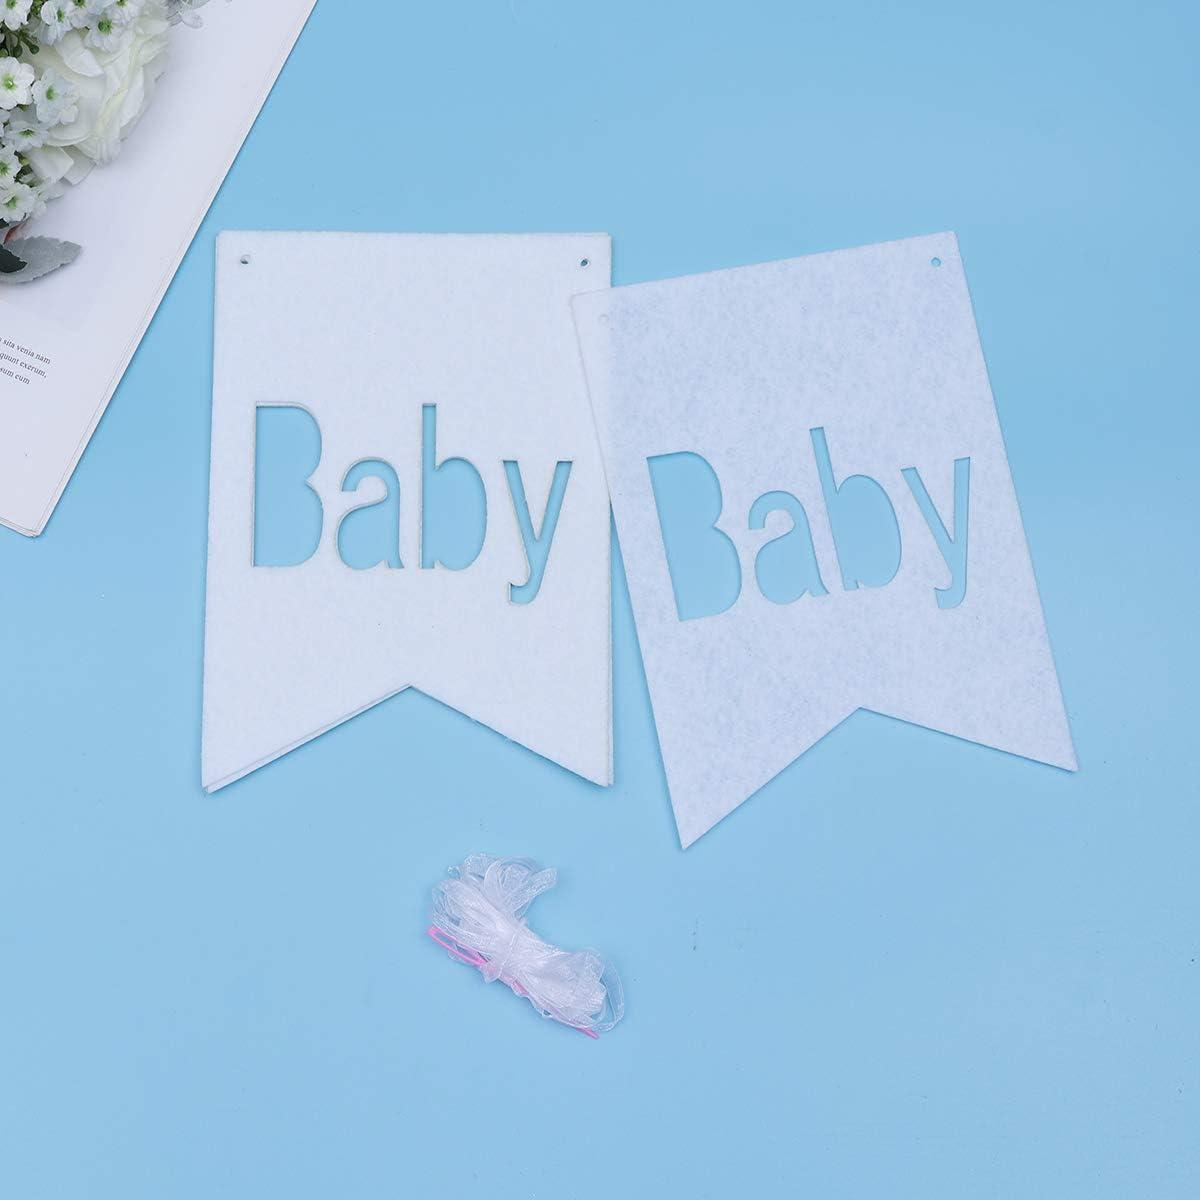 Amosfun Pallone da Calcio a Tema Compleanno Banner per Calcio Calcio a Tema Compleanno Baby Shower Party Decorazioni per Baby